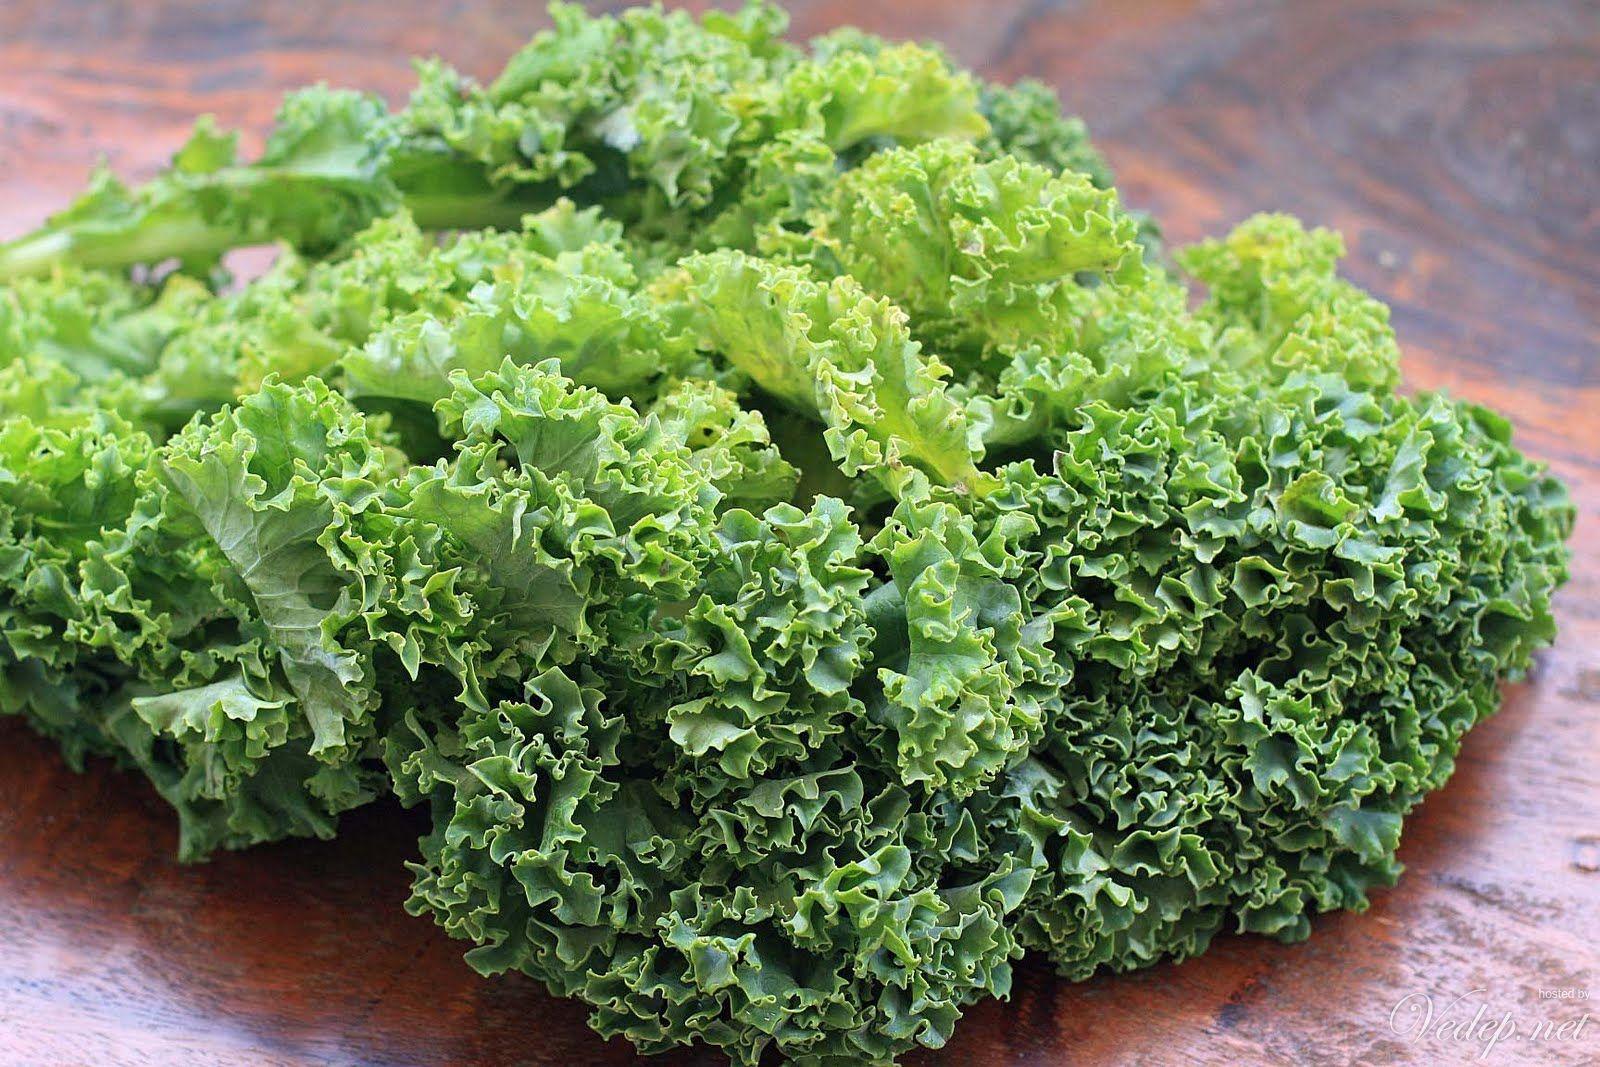 Rau cải xoăn giàu vitamin K